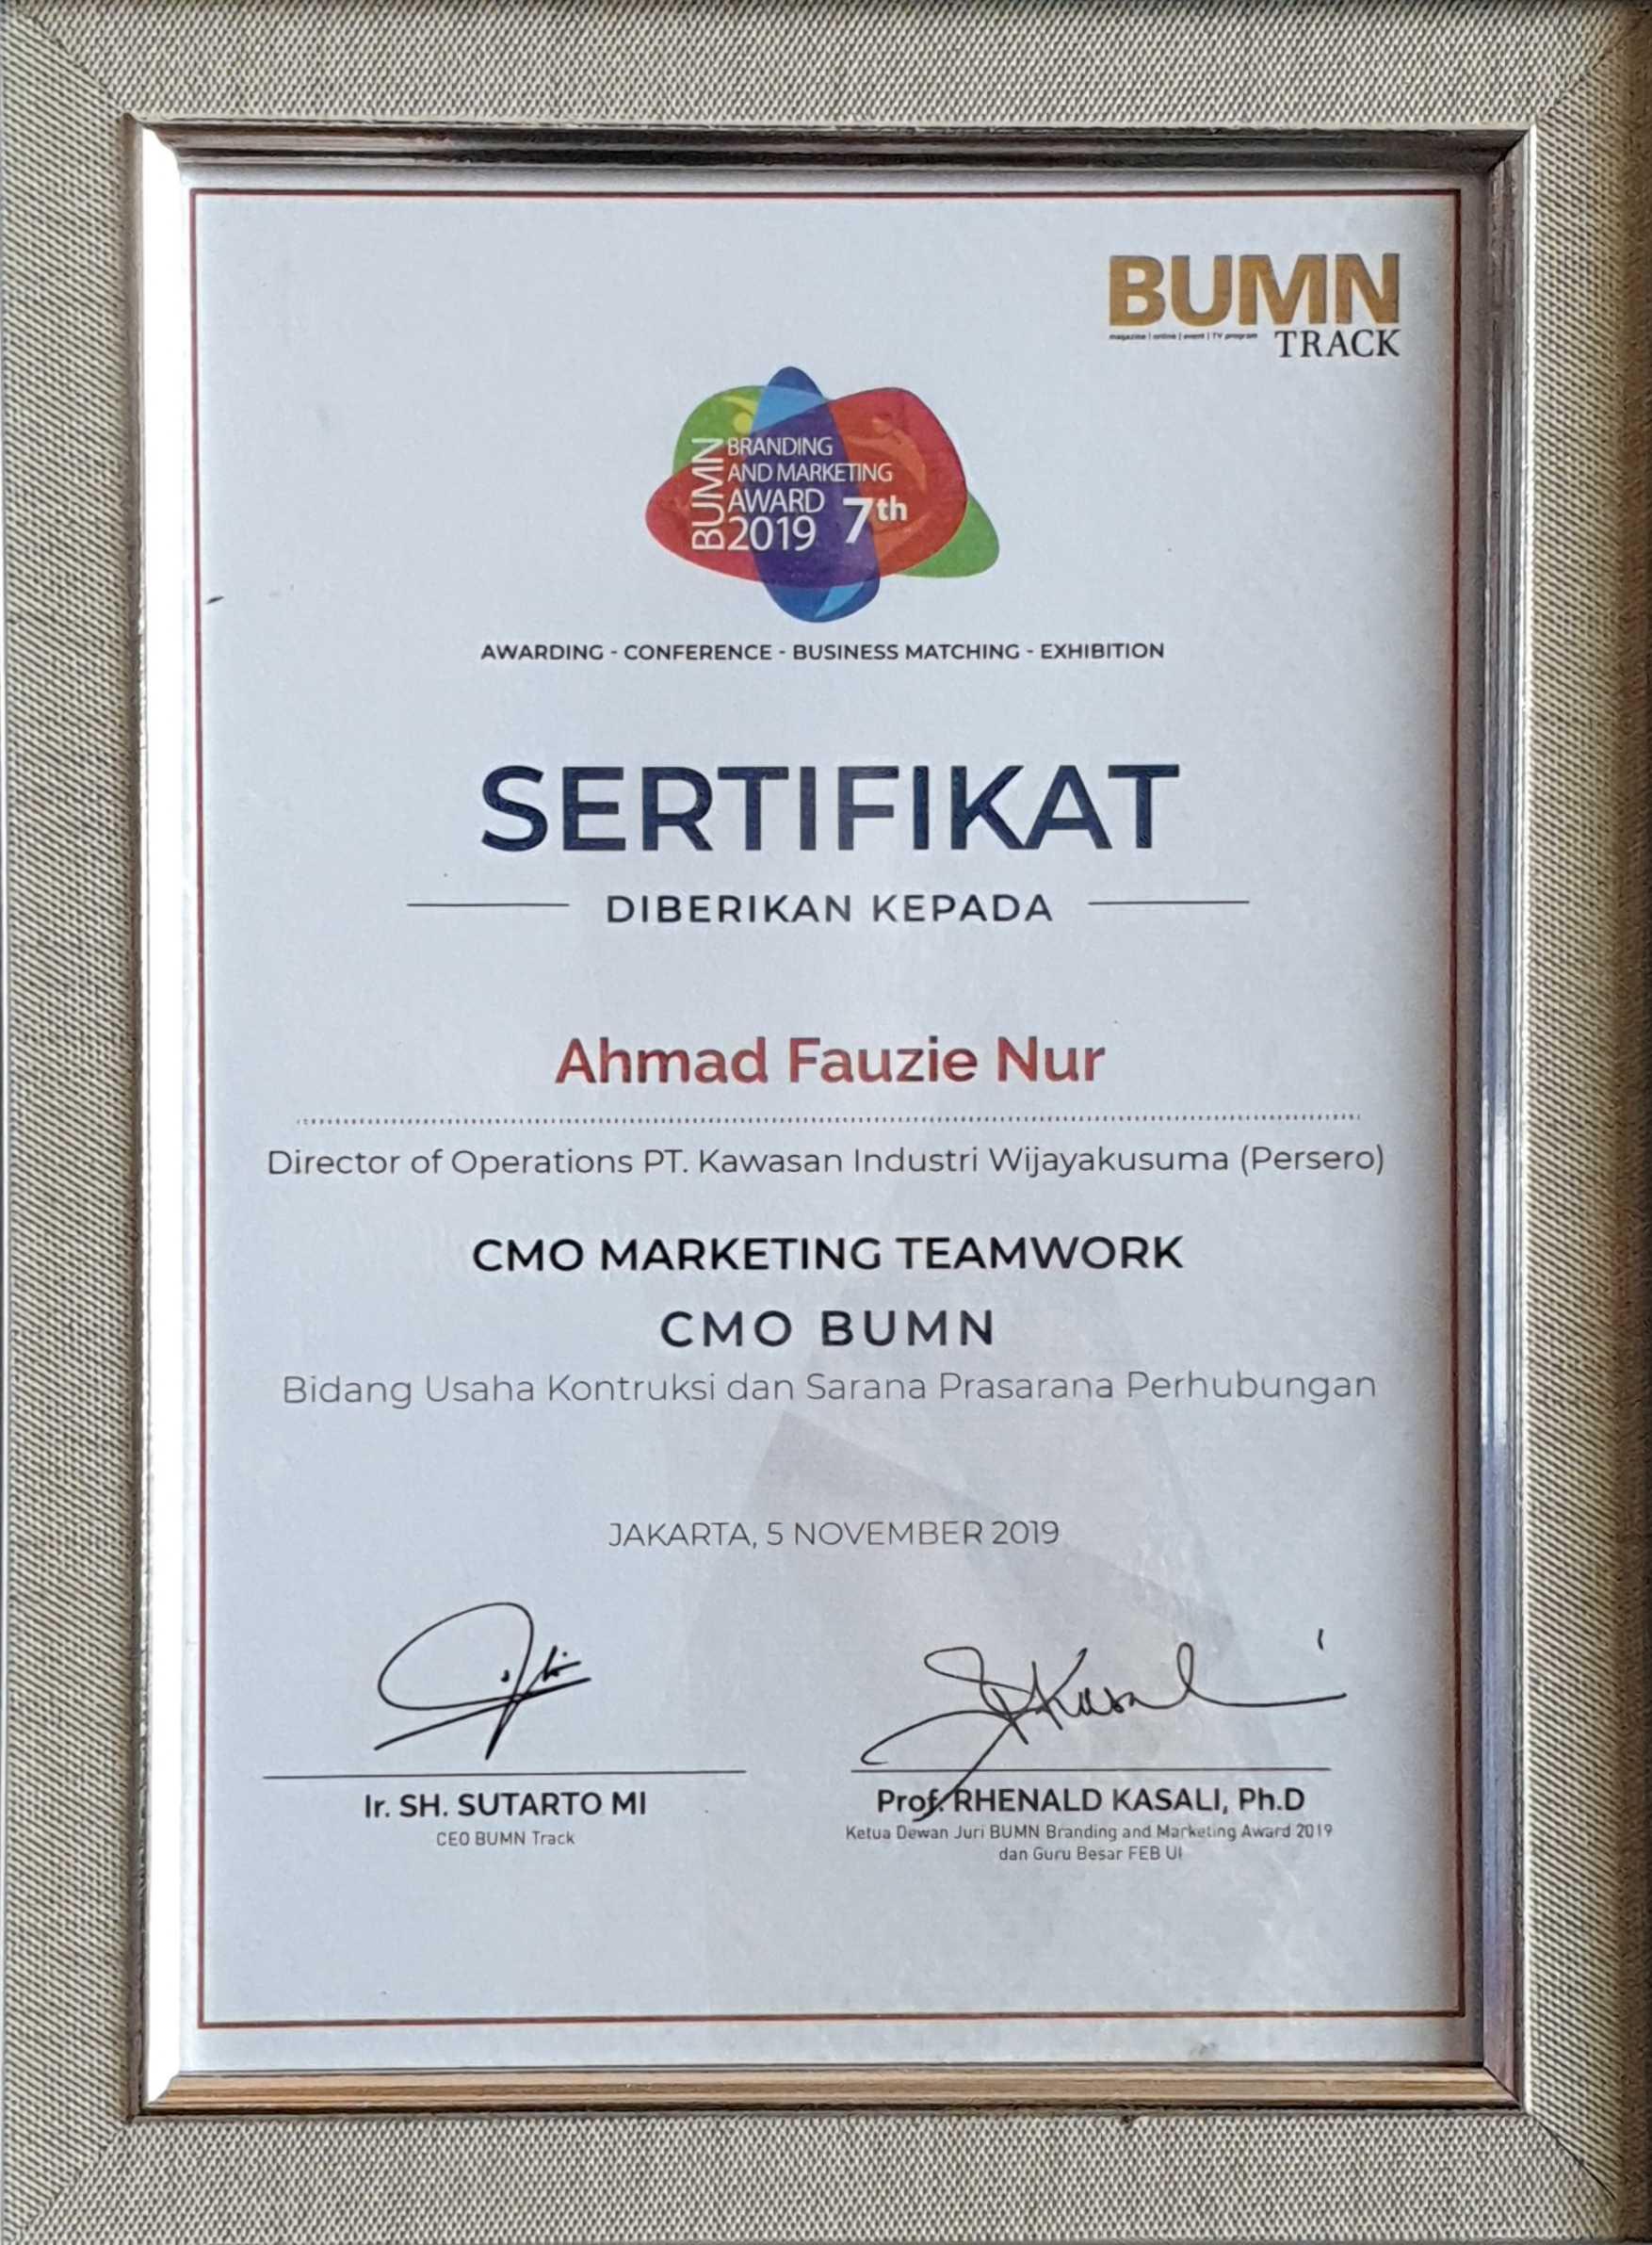 KIW BUMN Branding & Marketing Award 2019